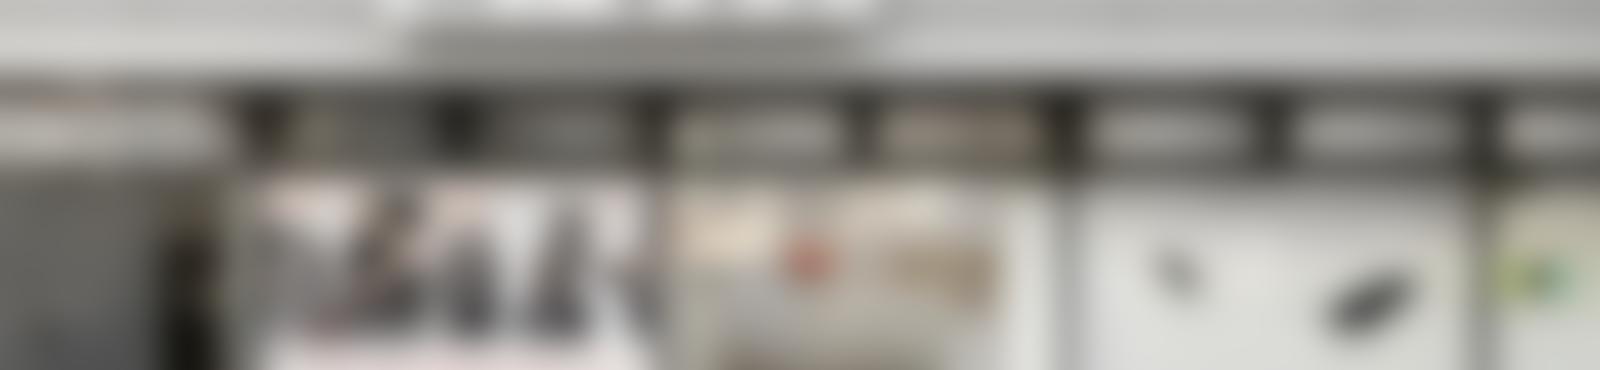 Blurred de562cbe a9cc 48ce ad34 d76c2effa09c